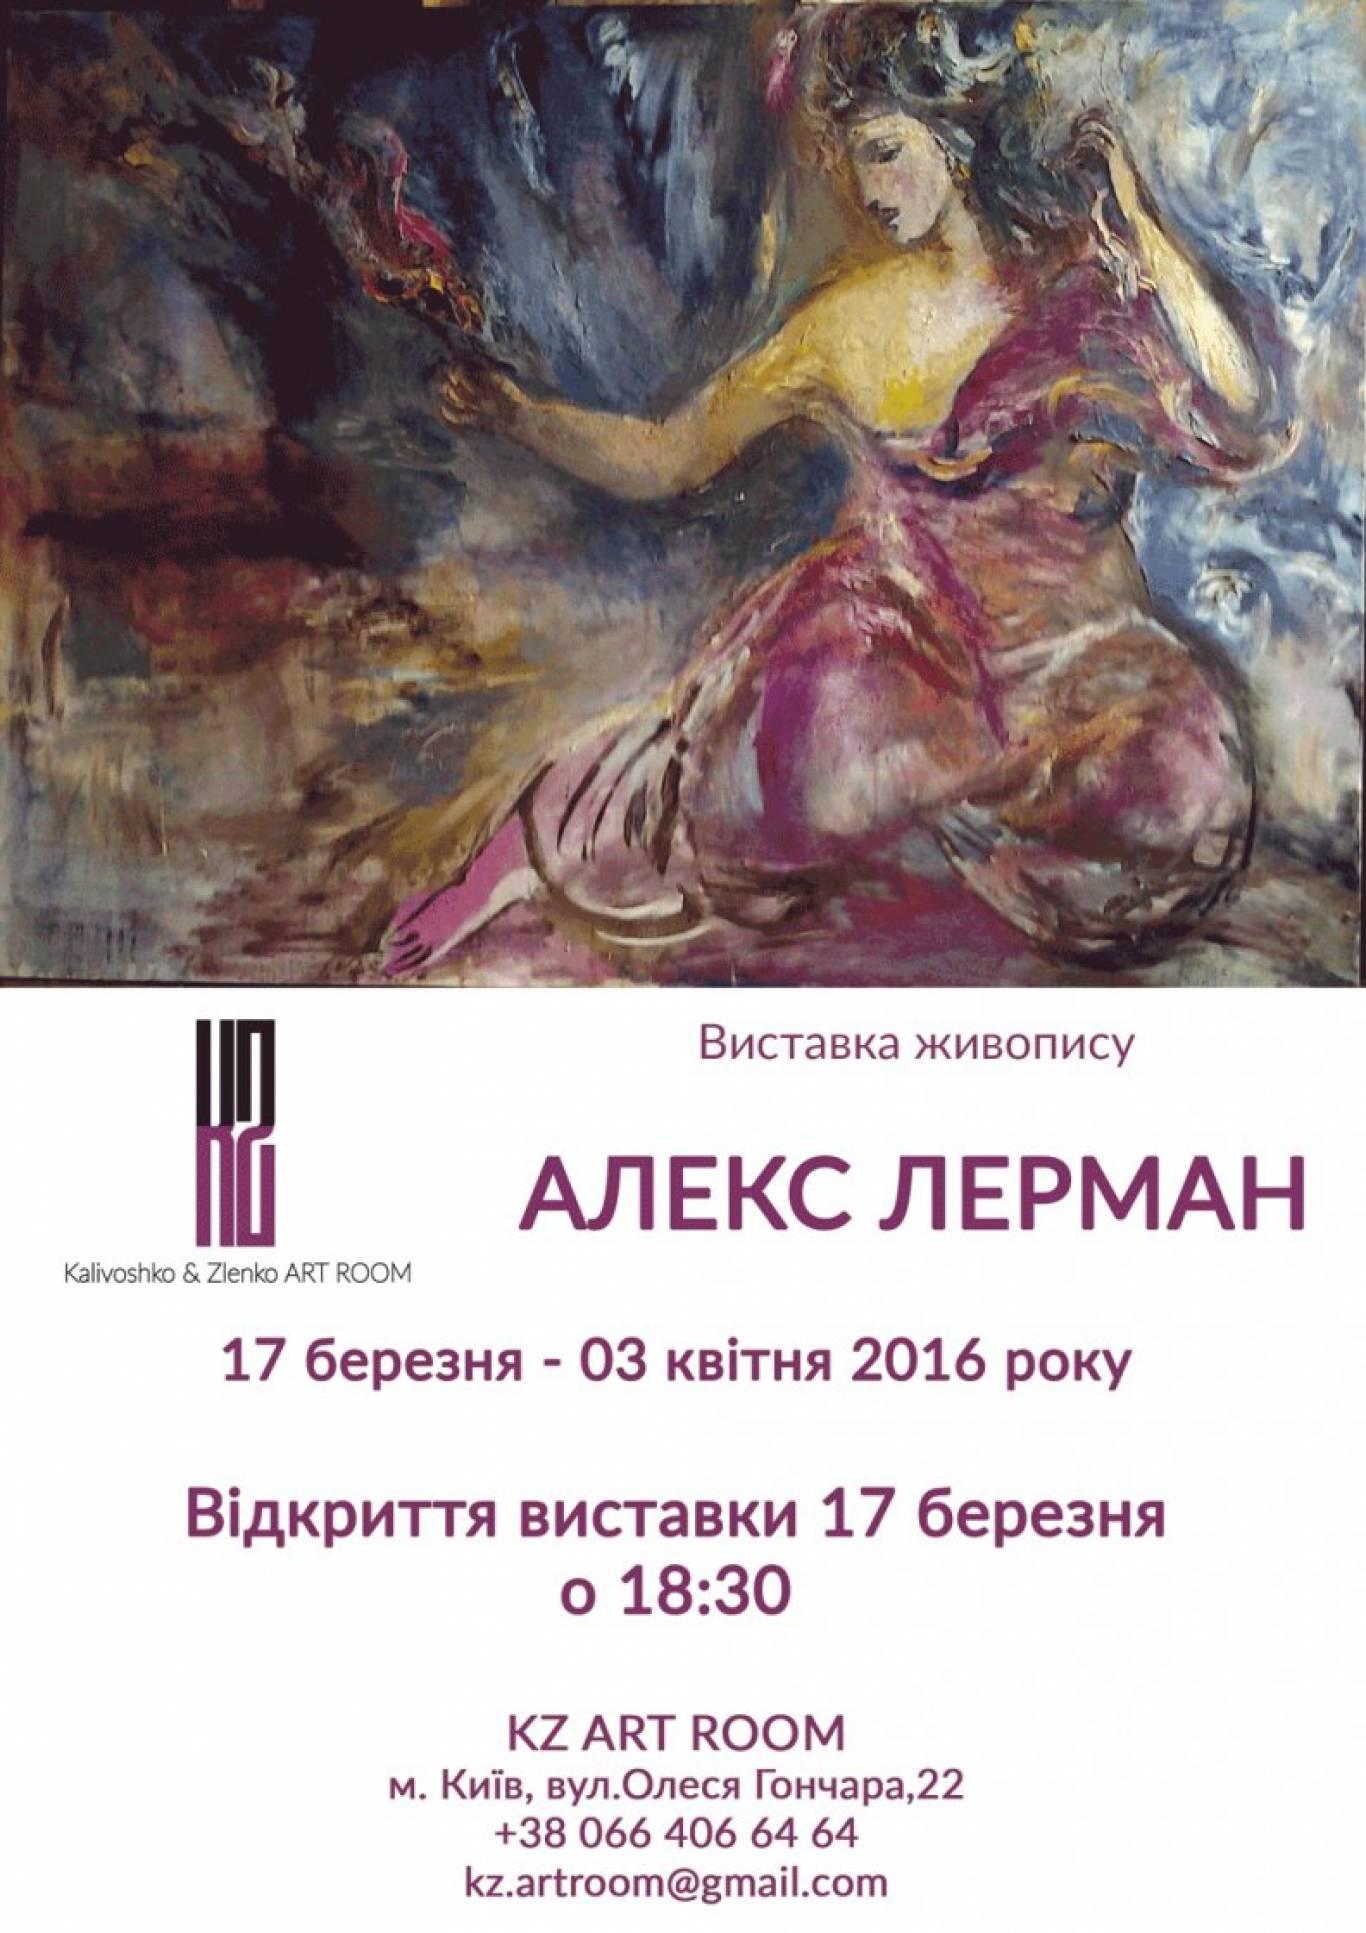 Виставка живопису Олександа Лермана в K&Z ART ROOM